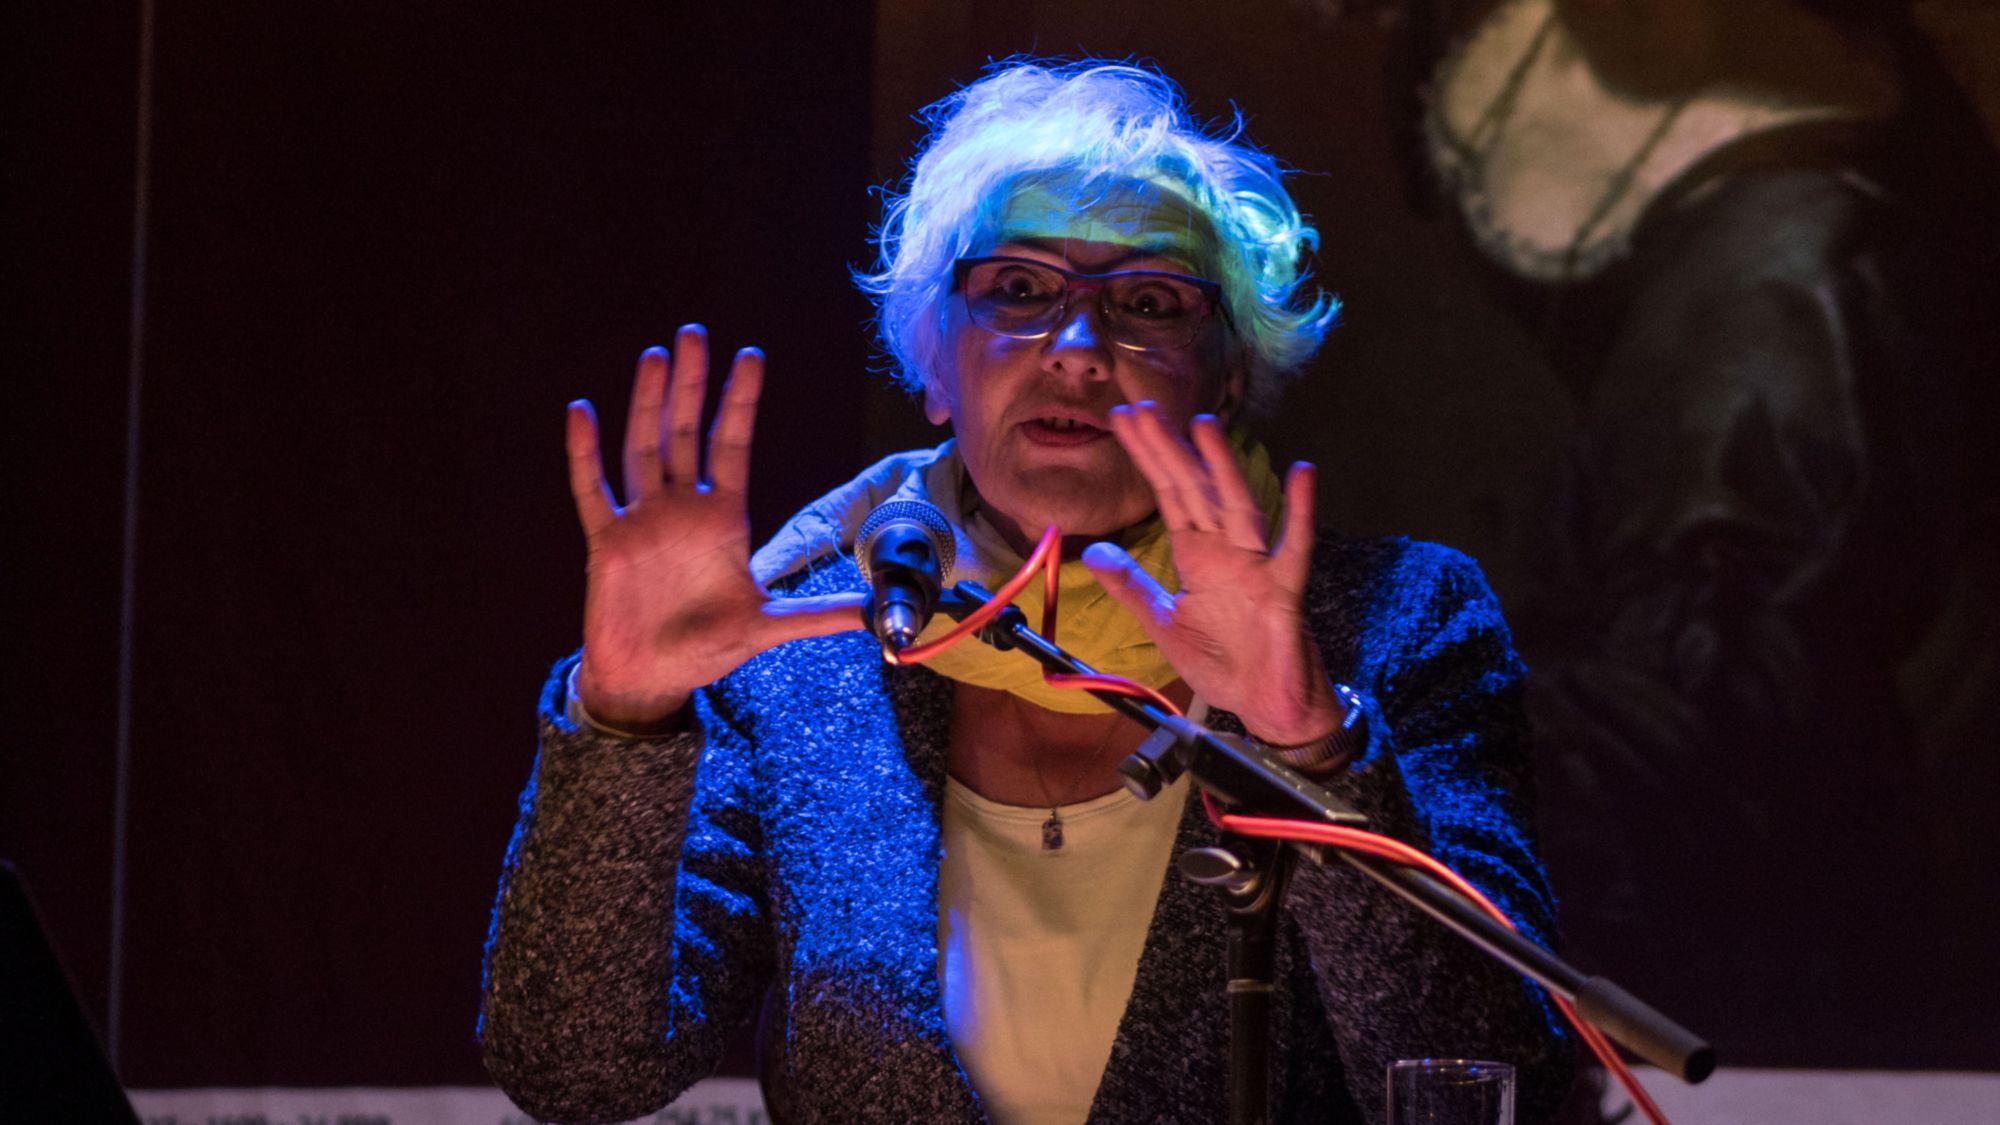 Astrid Petermeier